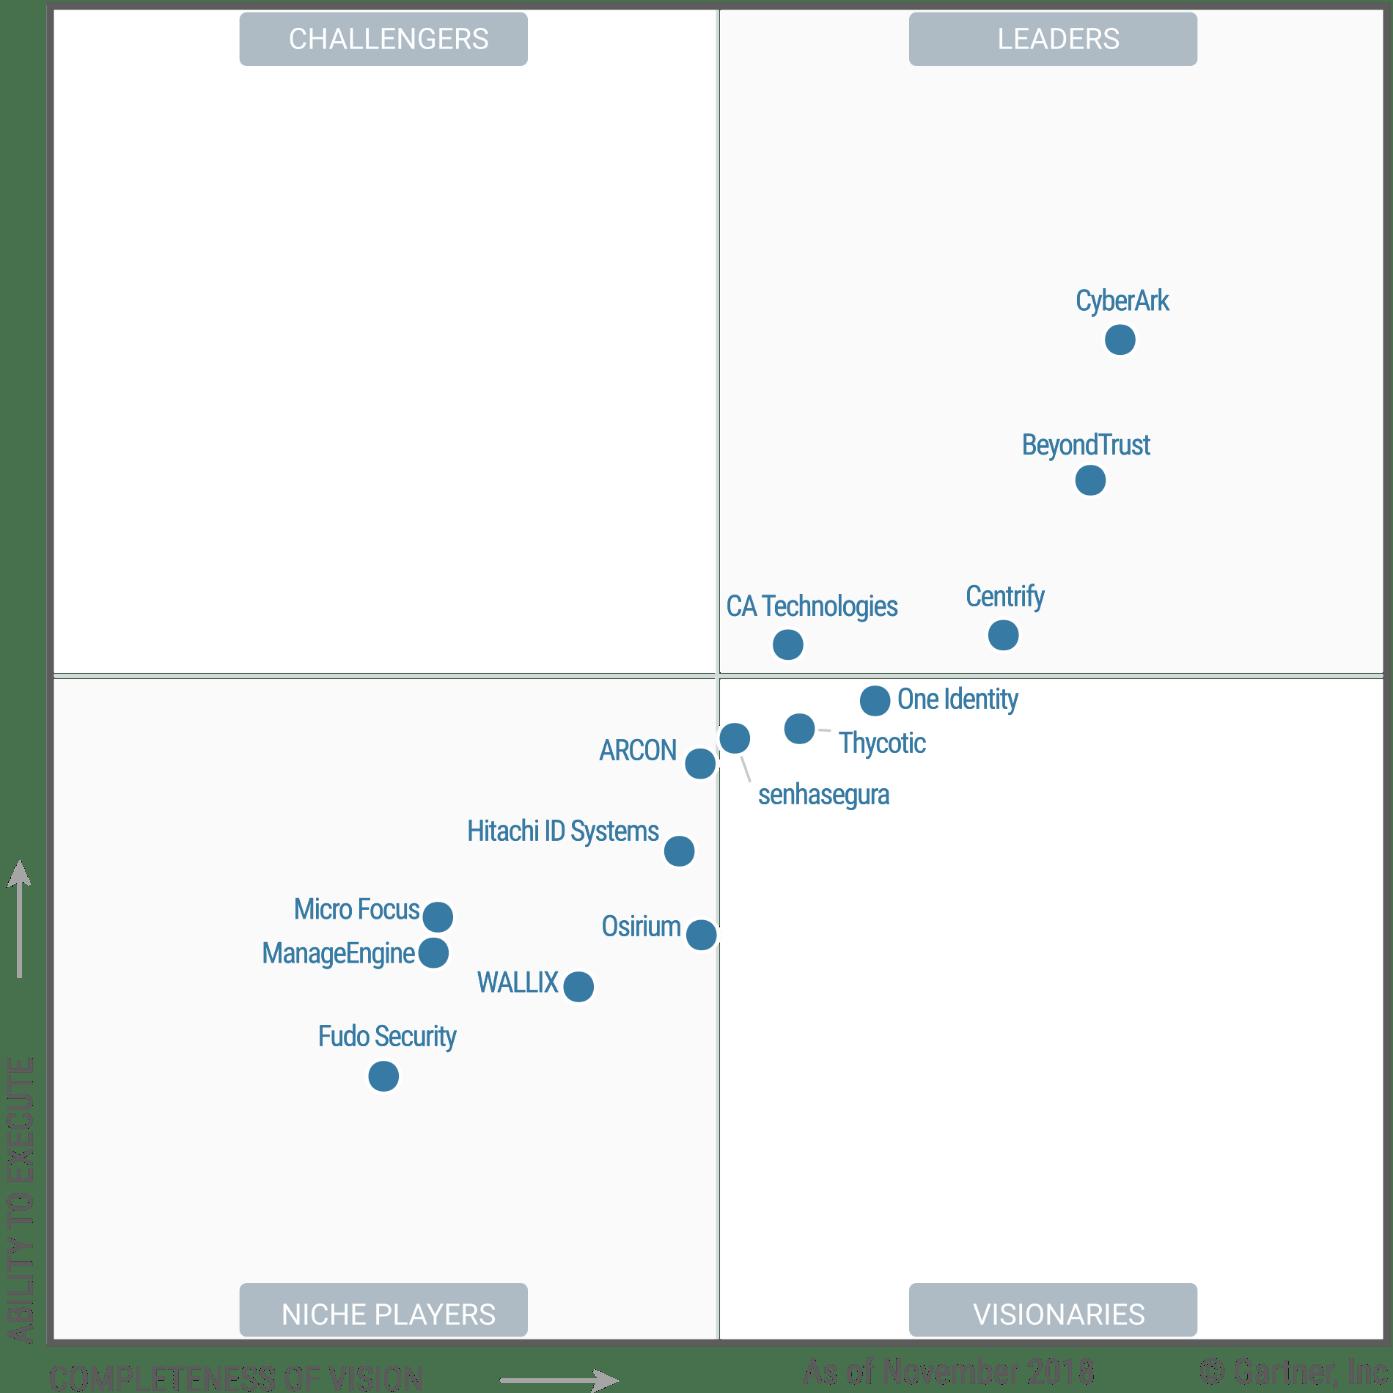 Magic Quadrant for Privileged Access Management 2018 (G00356017)